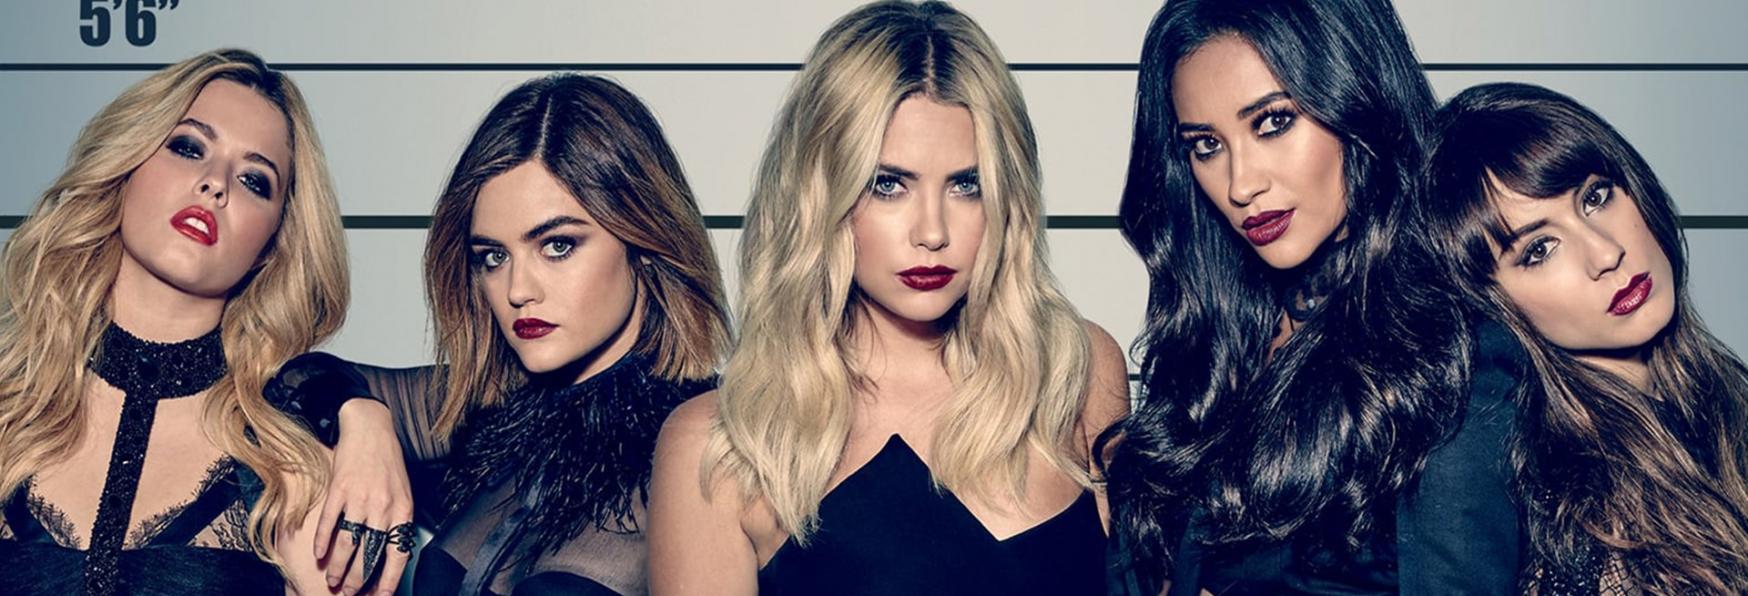 Pretty Little Liars: un Video Teaser svela il Reboot della nota Serie TV